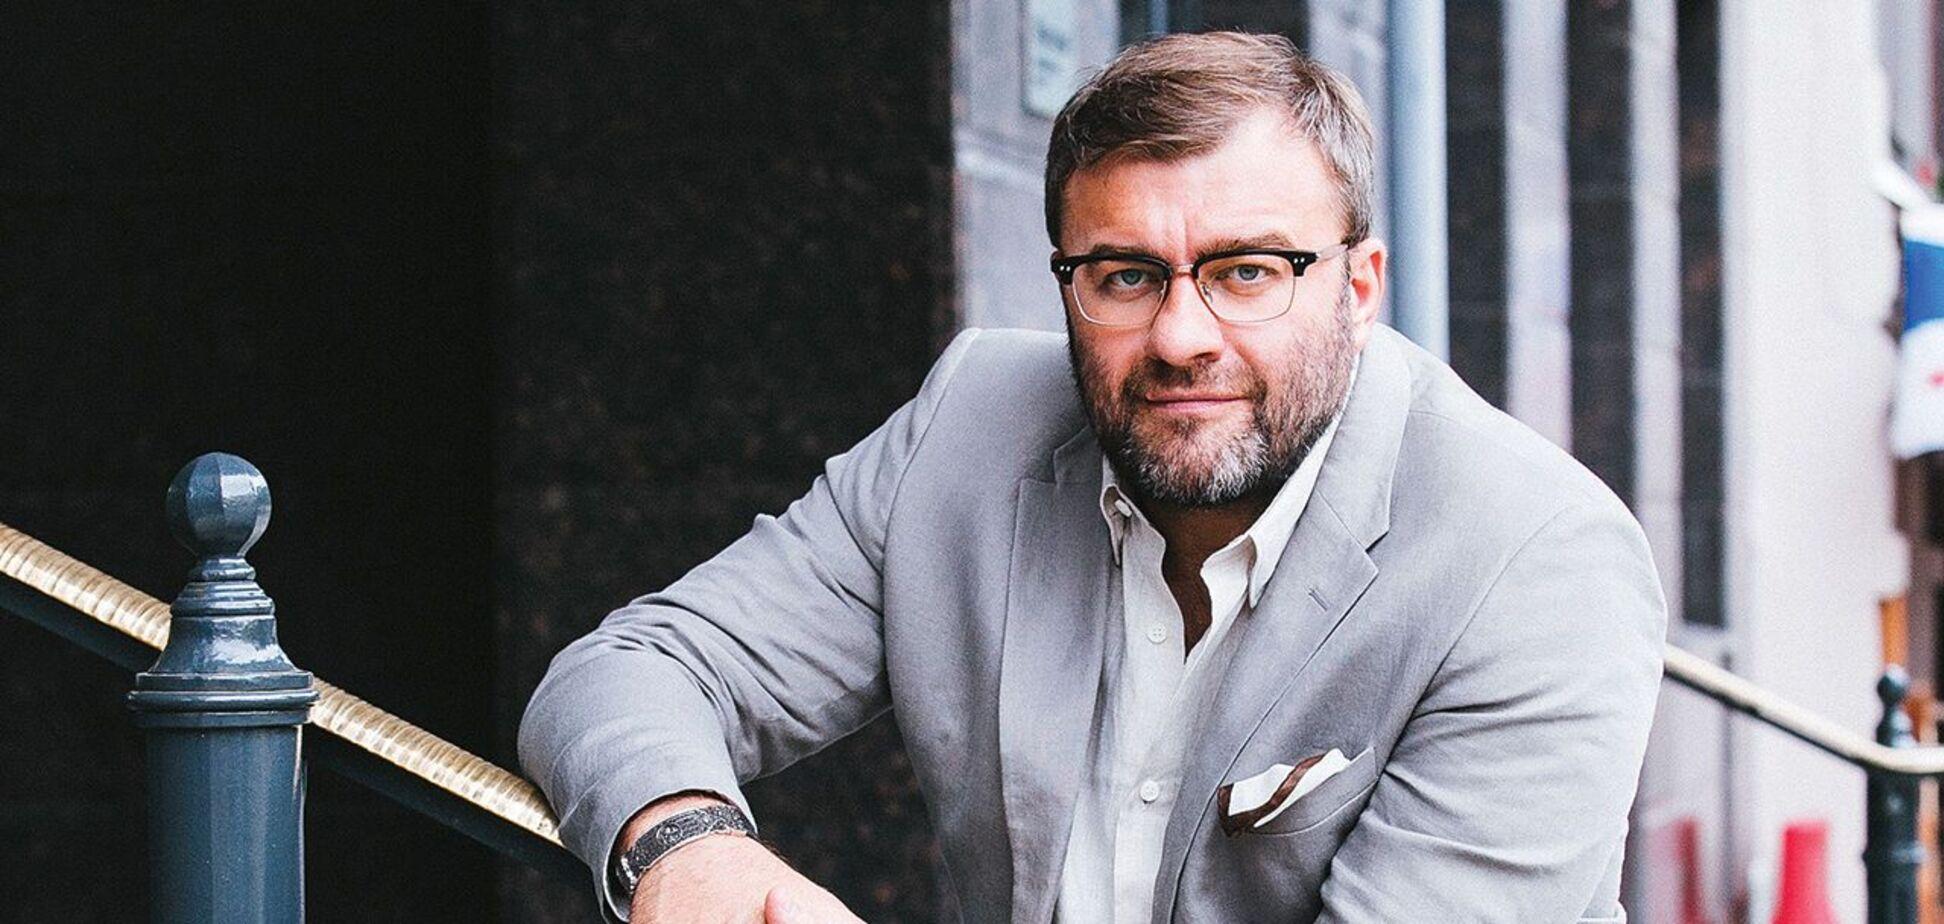 Стрелявший по 'киборгам' в 'ДНР' Пореченков заболел коронавирусом: стало известно о состоянии актера